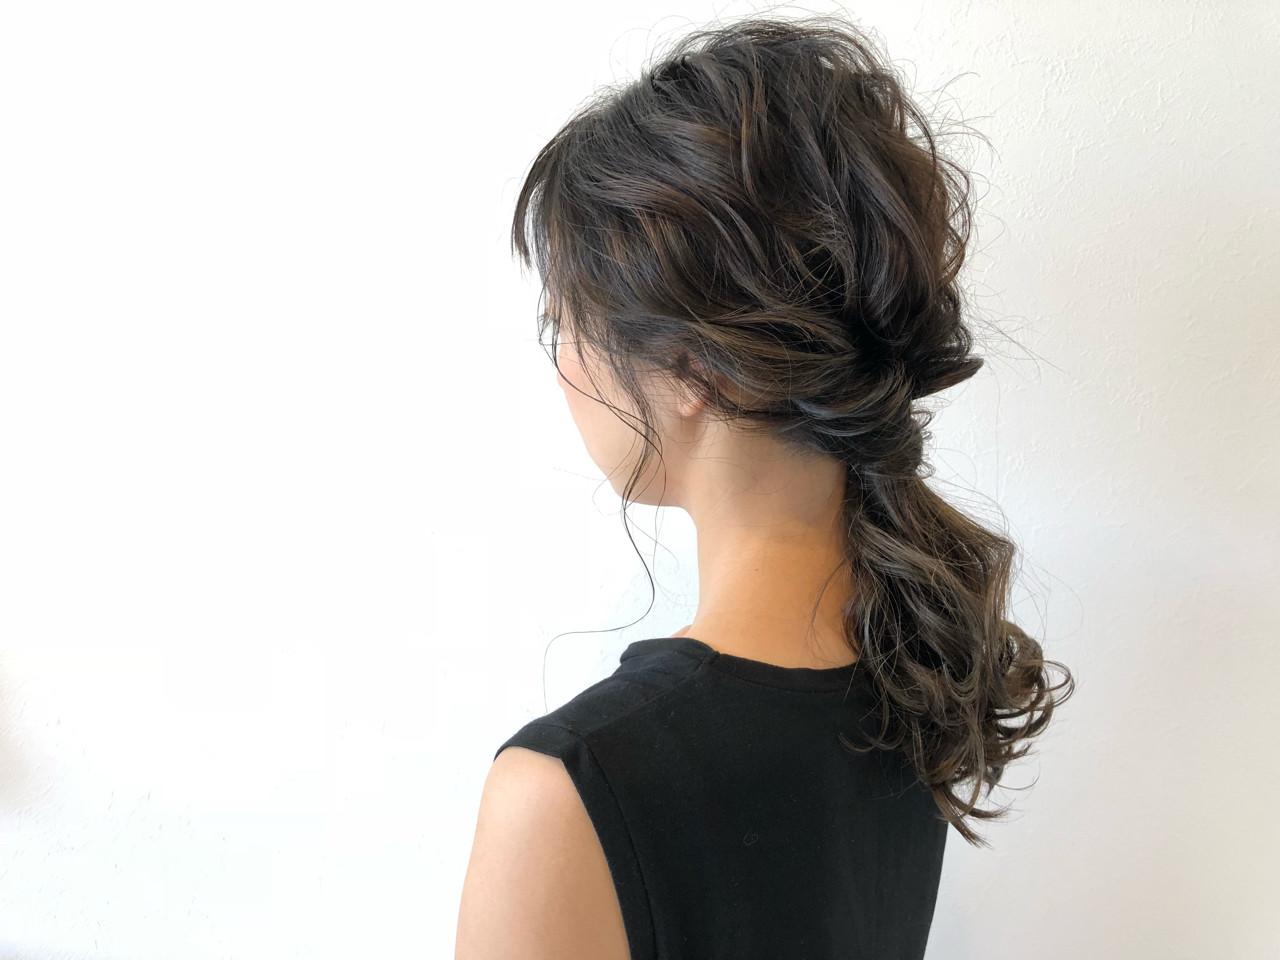 抜け感 前髪あり フェミニン ヘアアレンジ ヘアスタイルや髪型の写真・画像 | 宇渡 裕一 / Lillie hair&spa